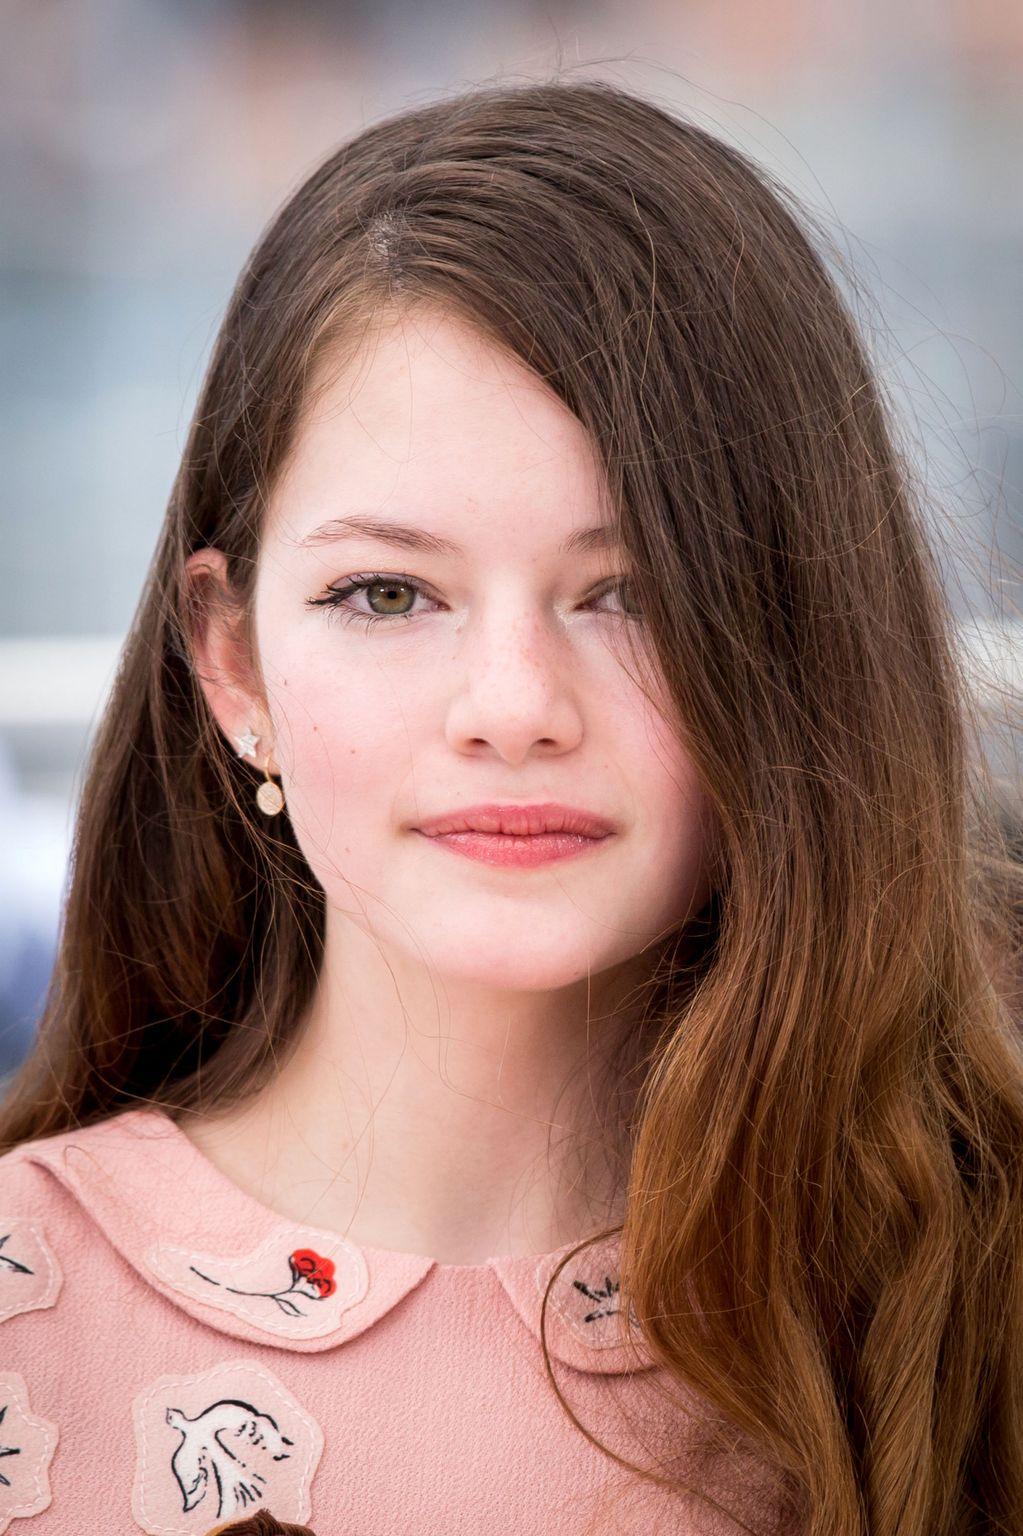 Movie actress  Mackenzie Foy  - age: 17